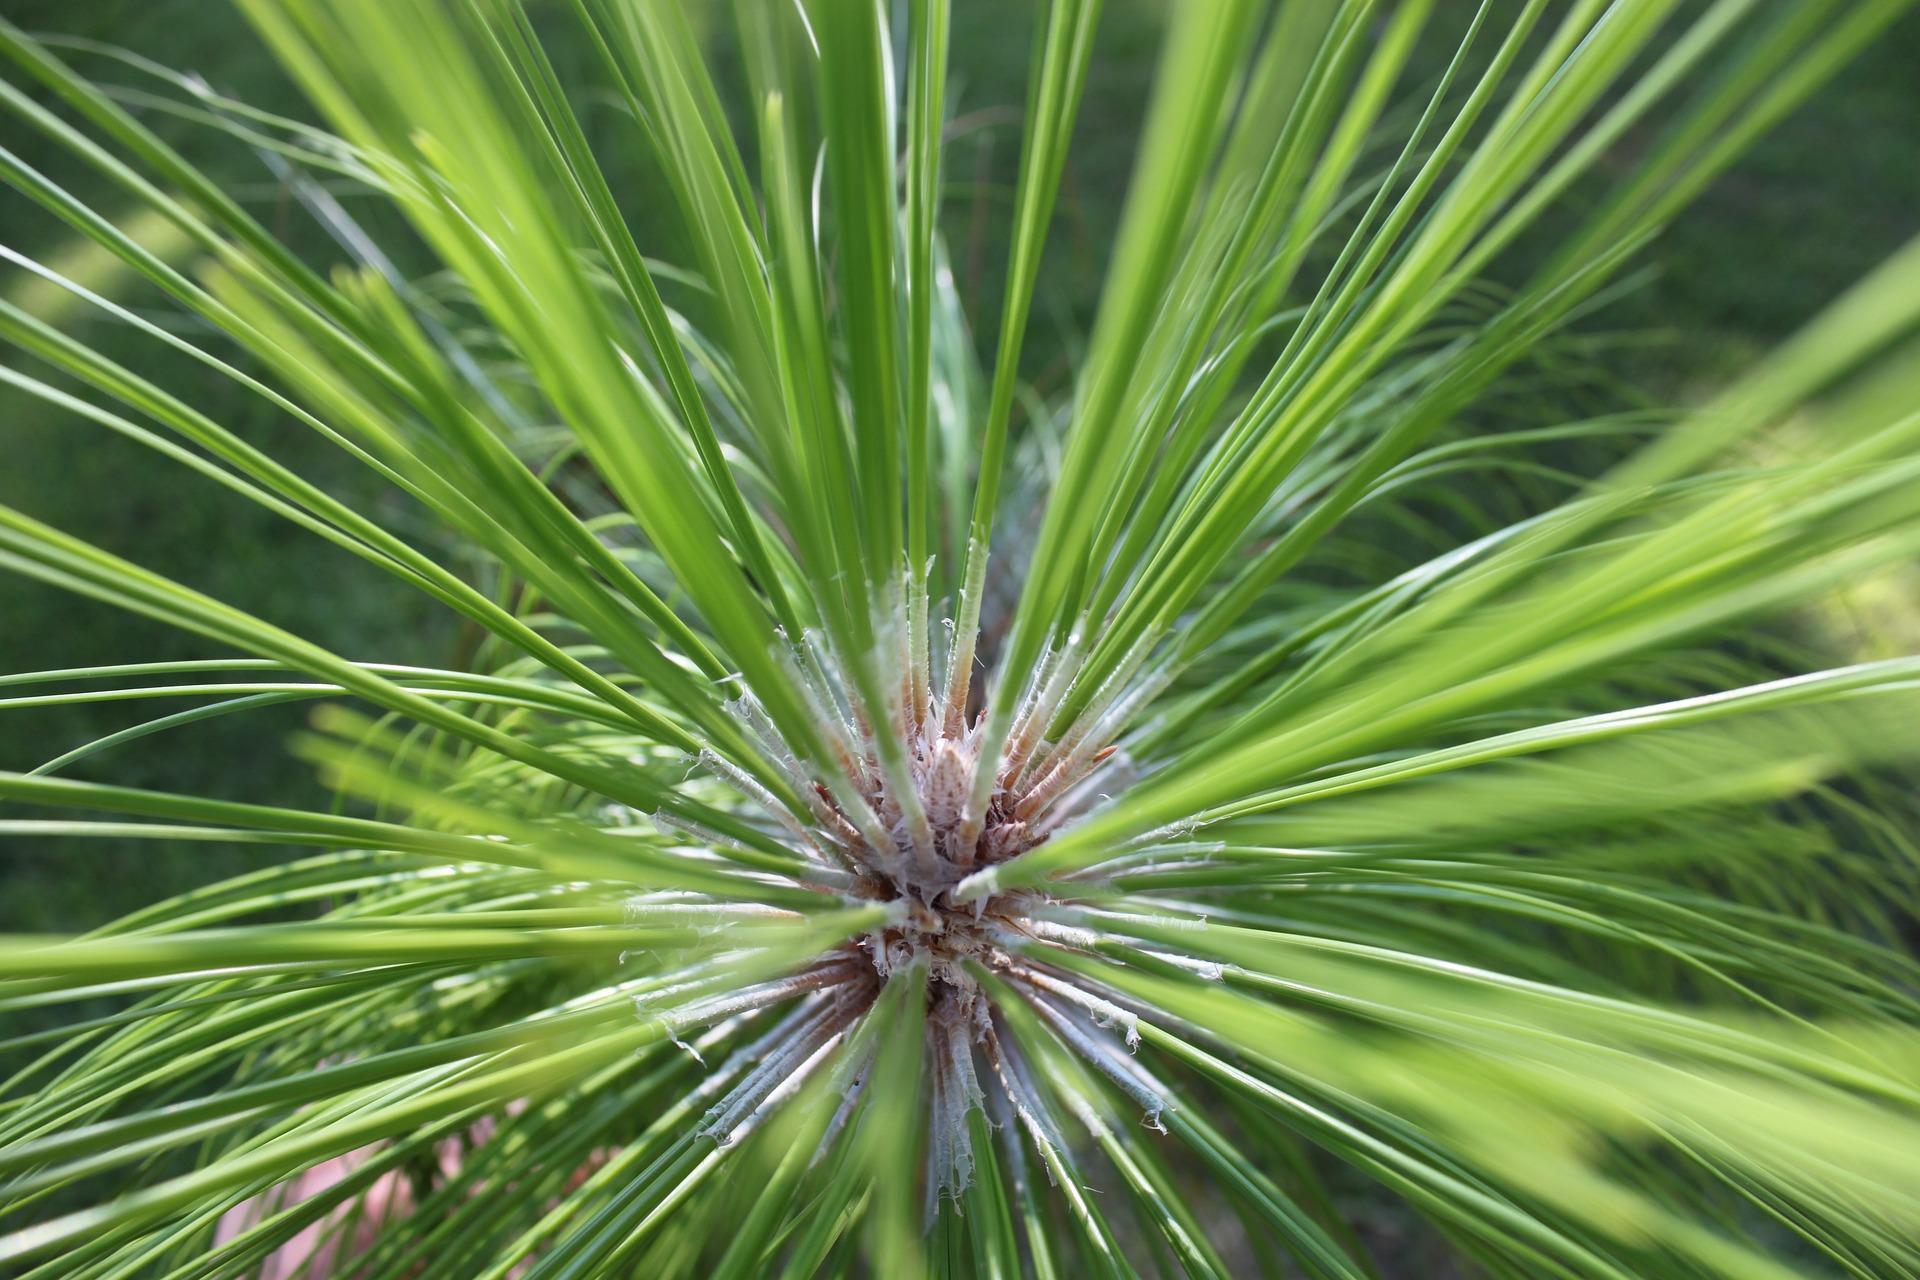 tree leaf identification; Longleaf Pine